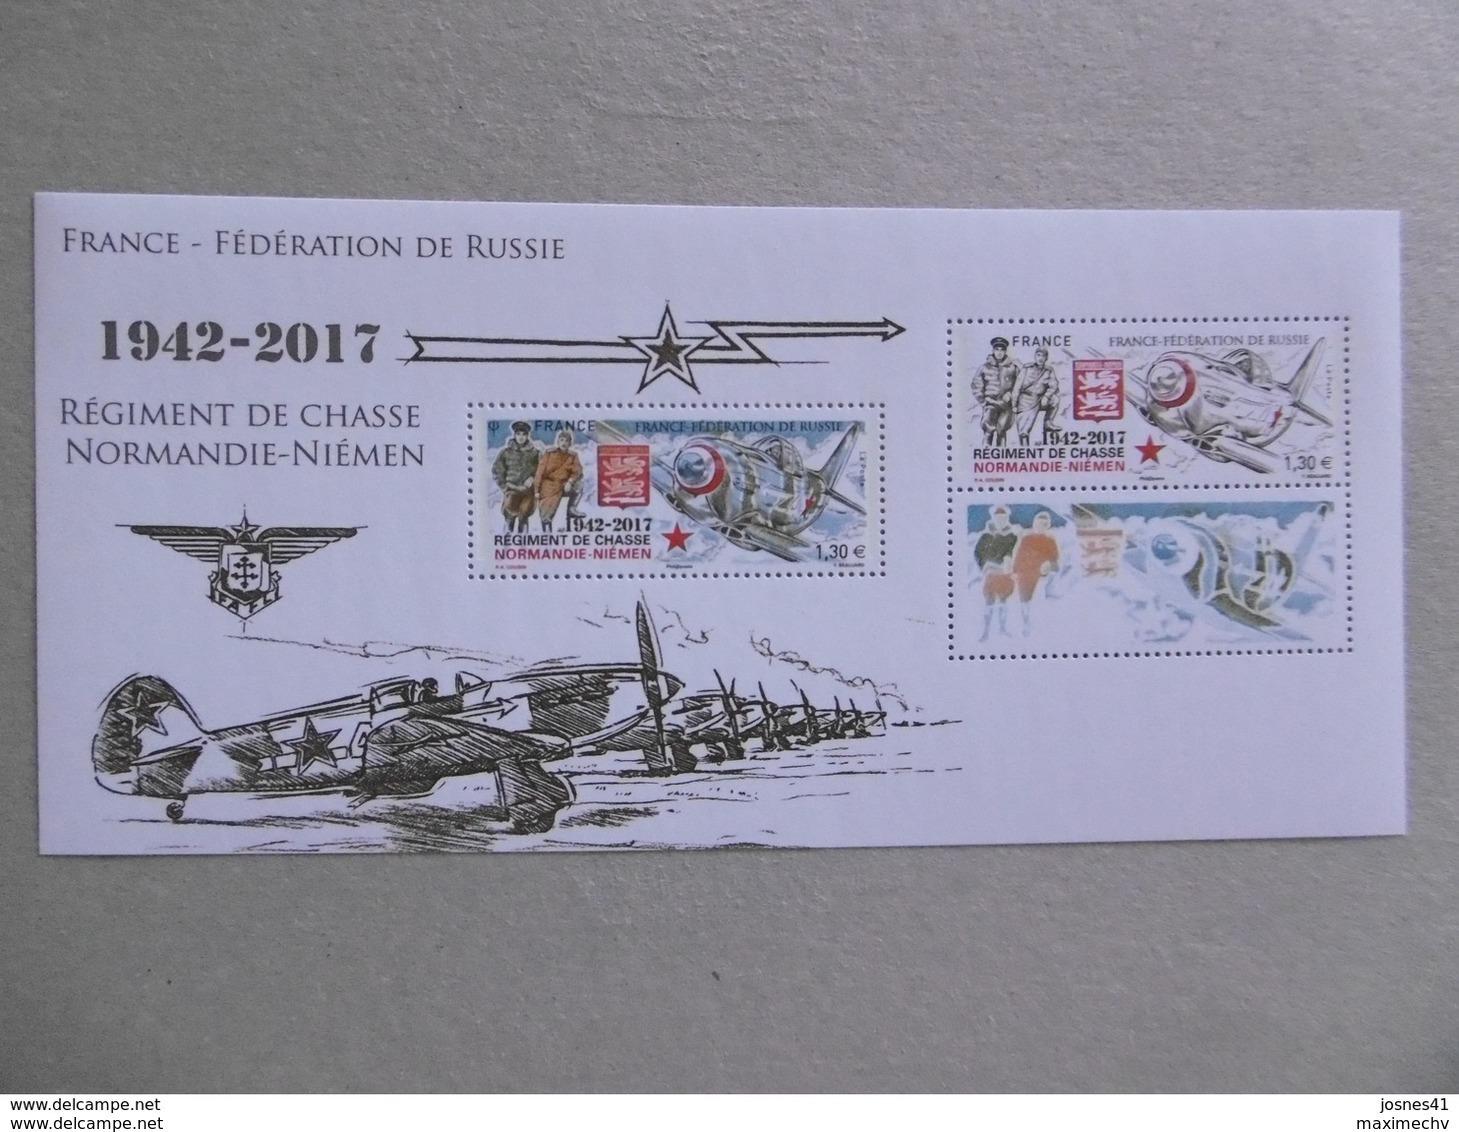 FRANCE 2017 BLOC SOUVENIR  BF 139 * * NO YVT 5167 ET 5167A REGIMENT DE CHASSE NORMANDIE NIEMEN - Mint/Hinged